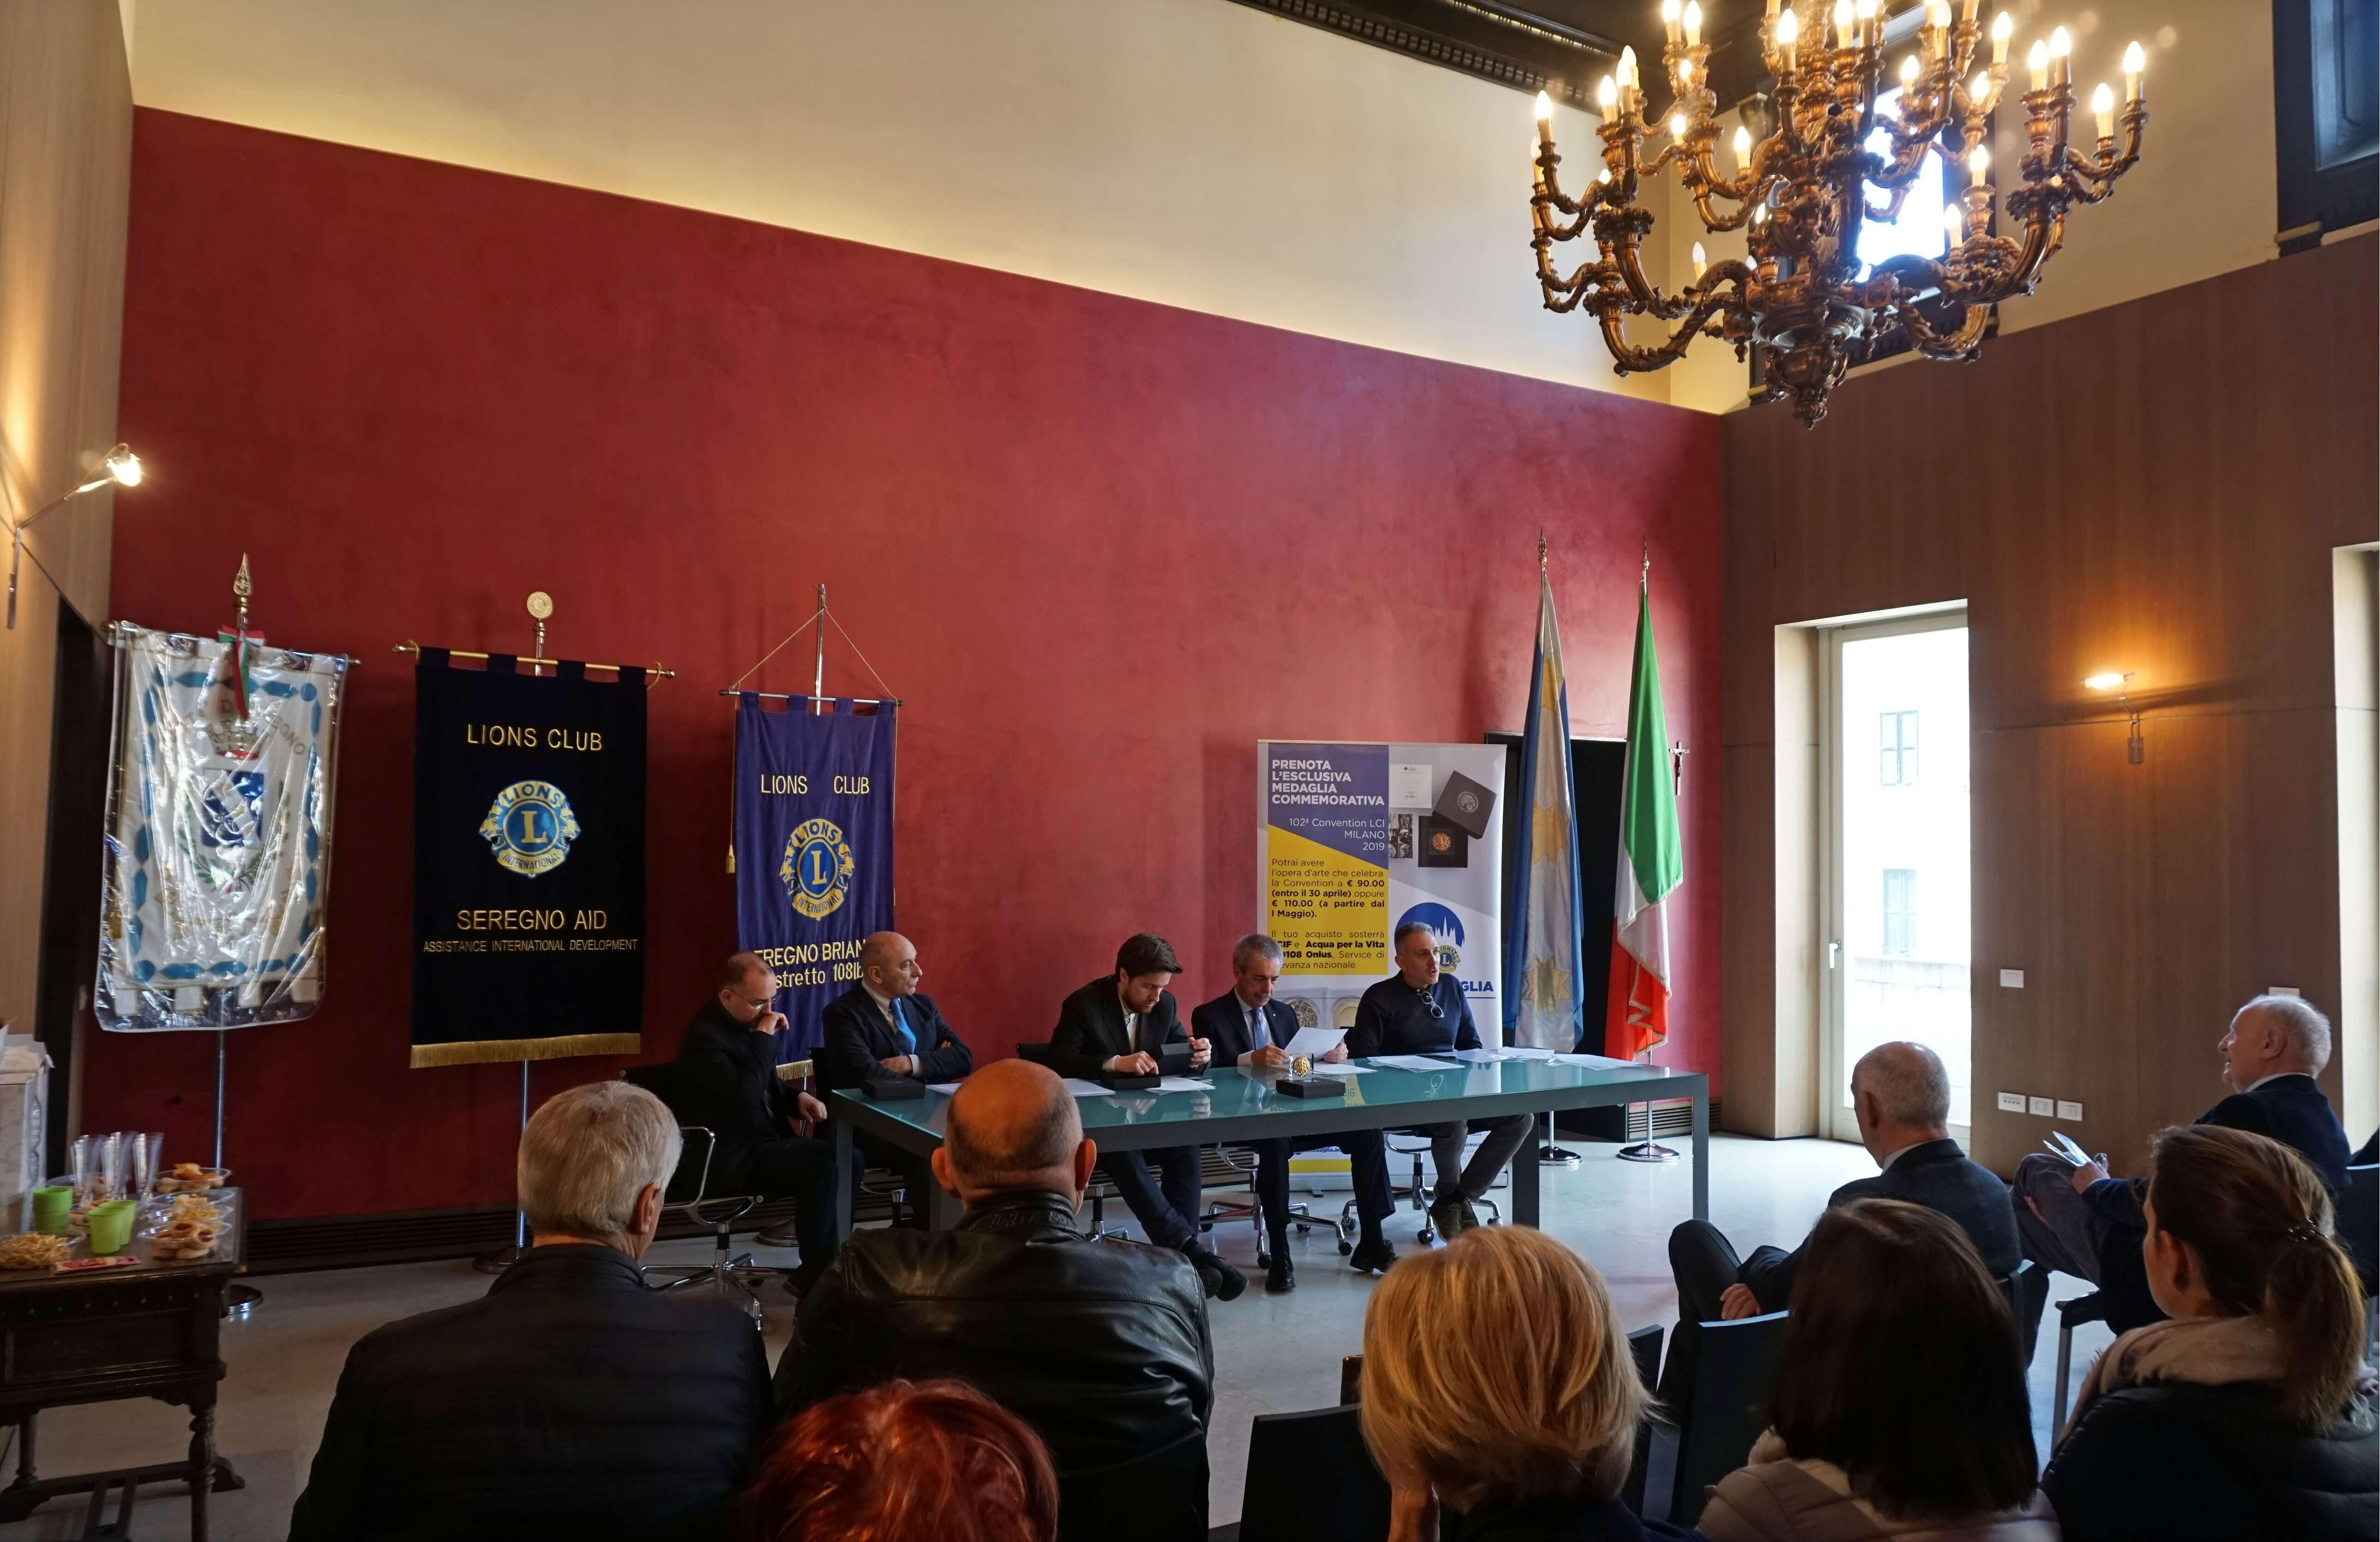 La conferenza stampa di presentazione della medaglia a Seregno